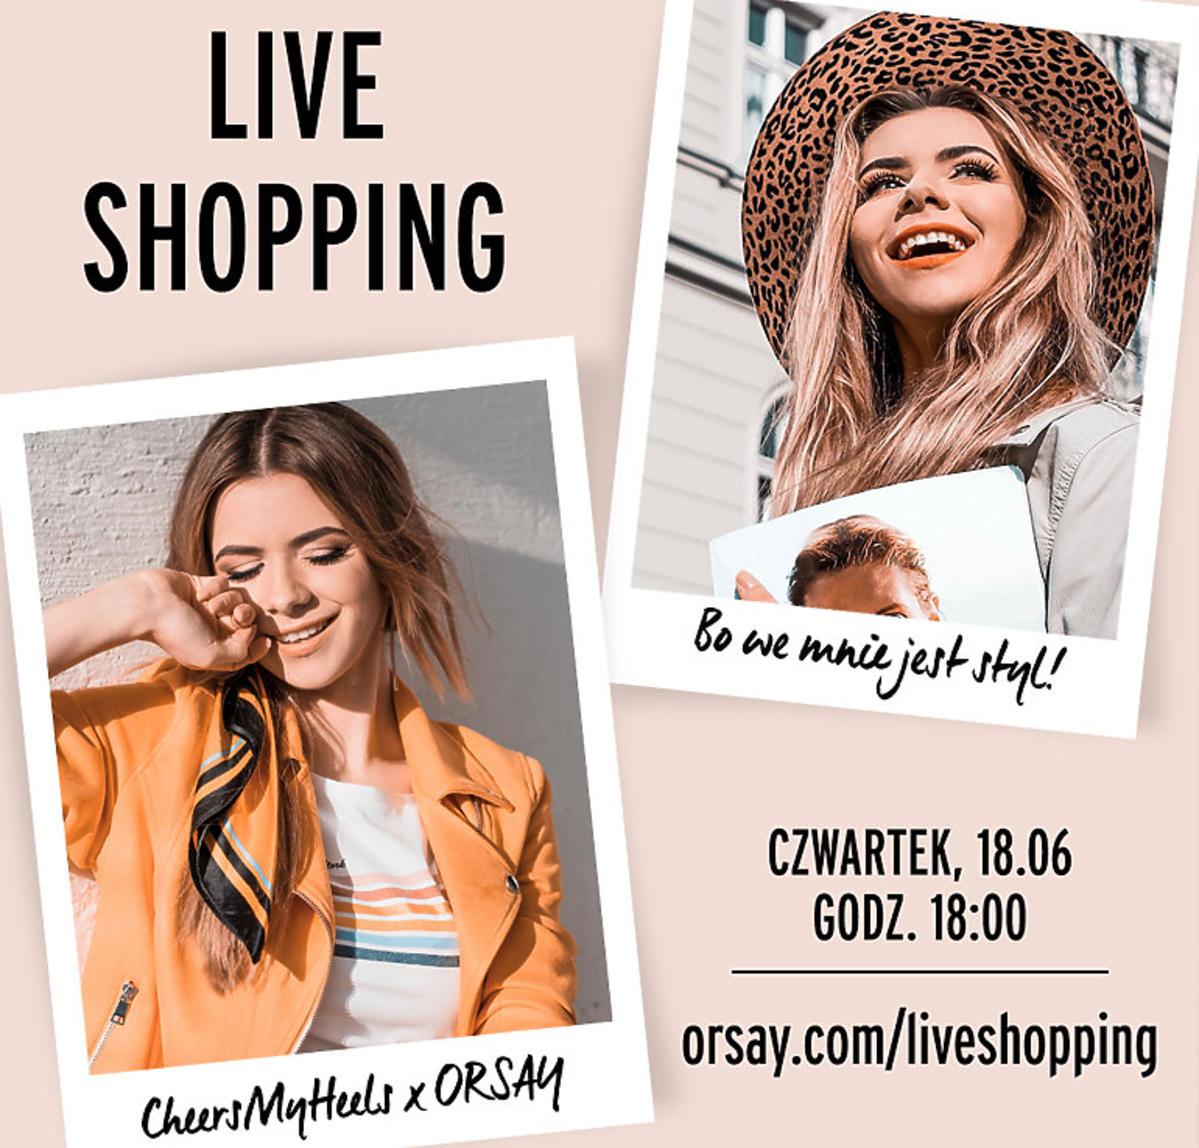 ORSAY LIVE SHOPPING - forma zakupów online, którą pokochają kobiety